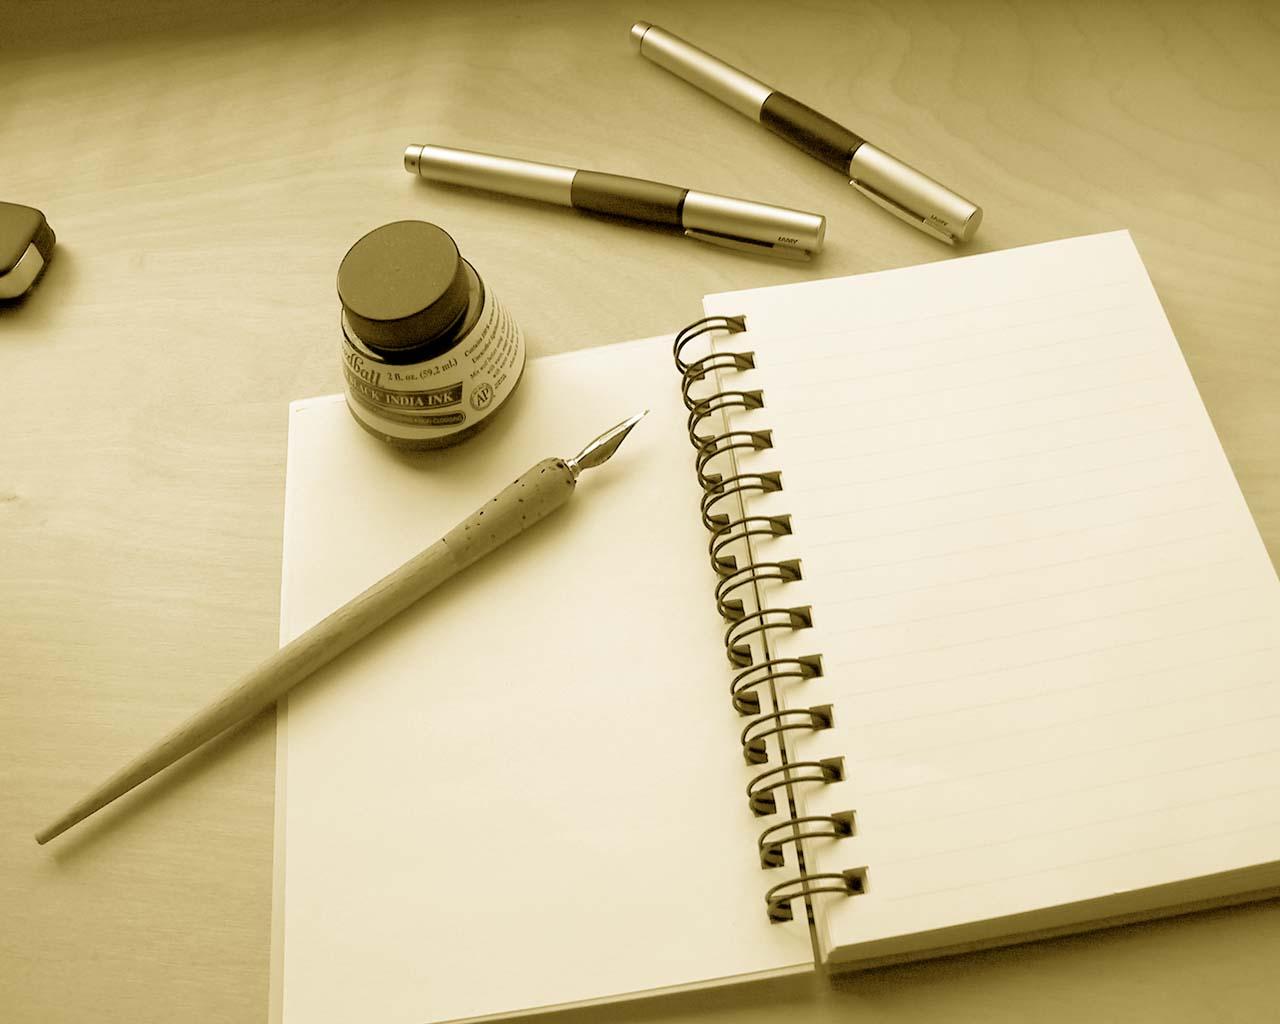 책을 쓰고 싶은 예비 작가가 꼭 알아야 할 기초